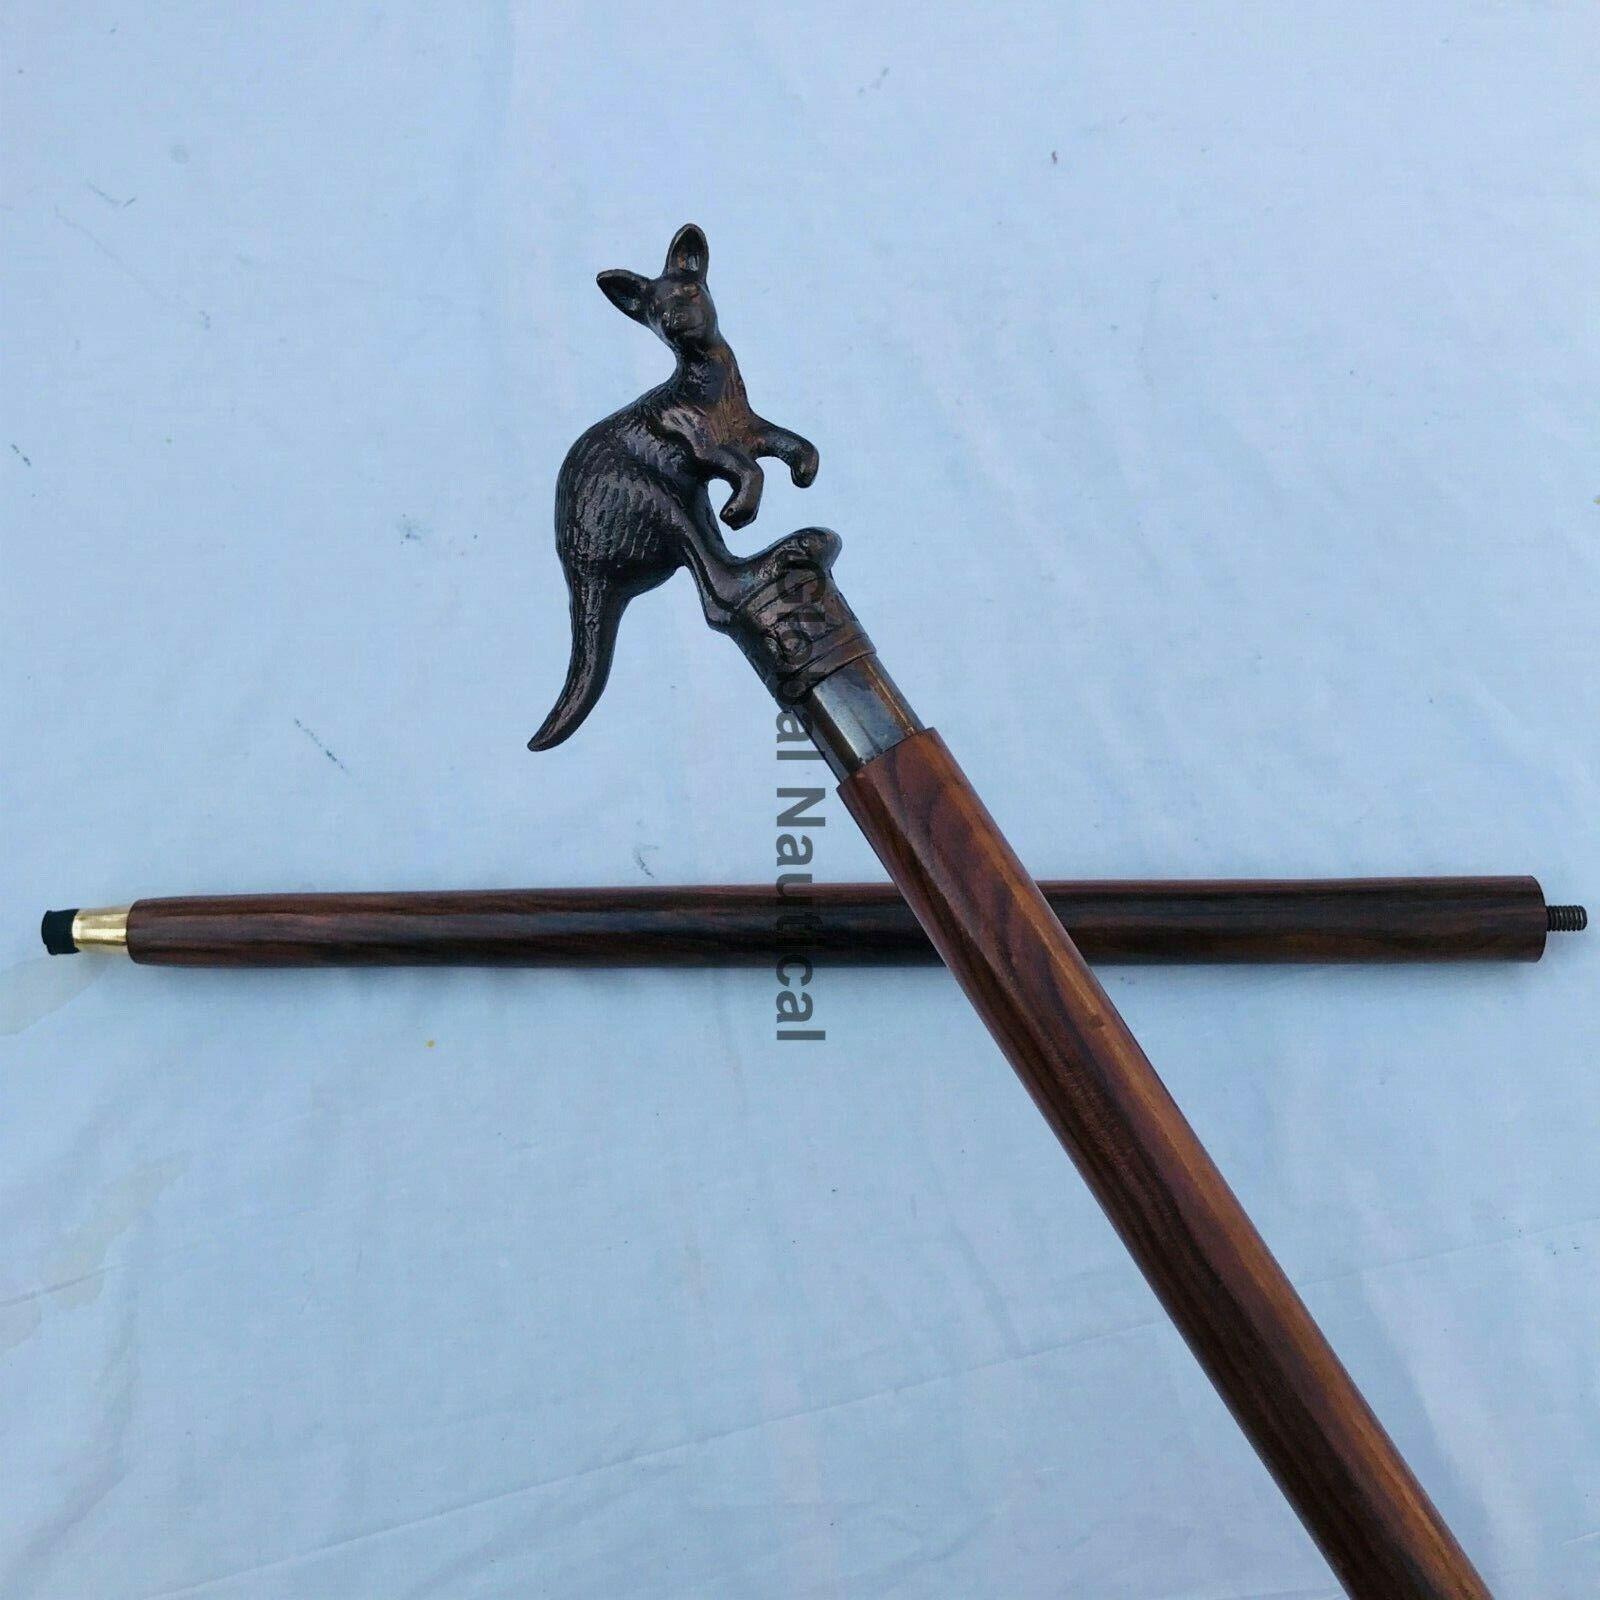 Kangaroo Design Nautical Walking Stick Handle With Wooden Unisex Walking Stick